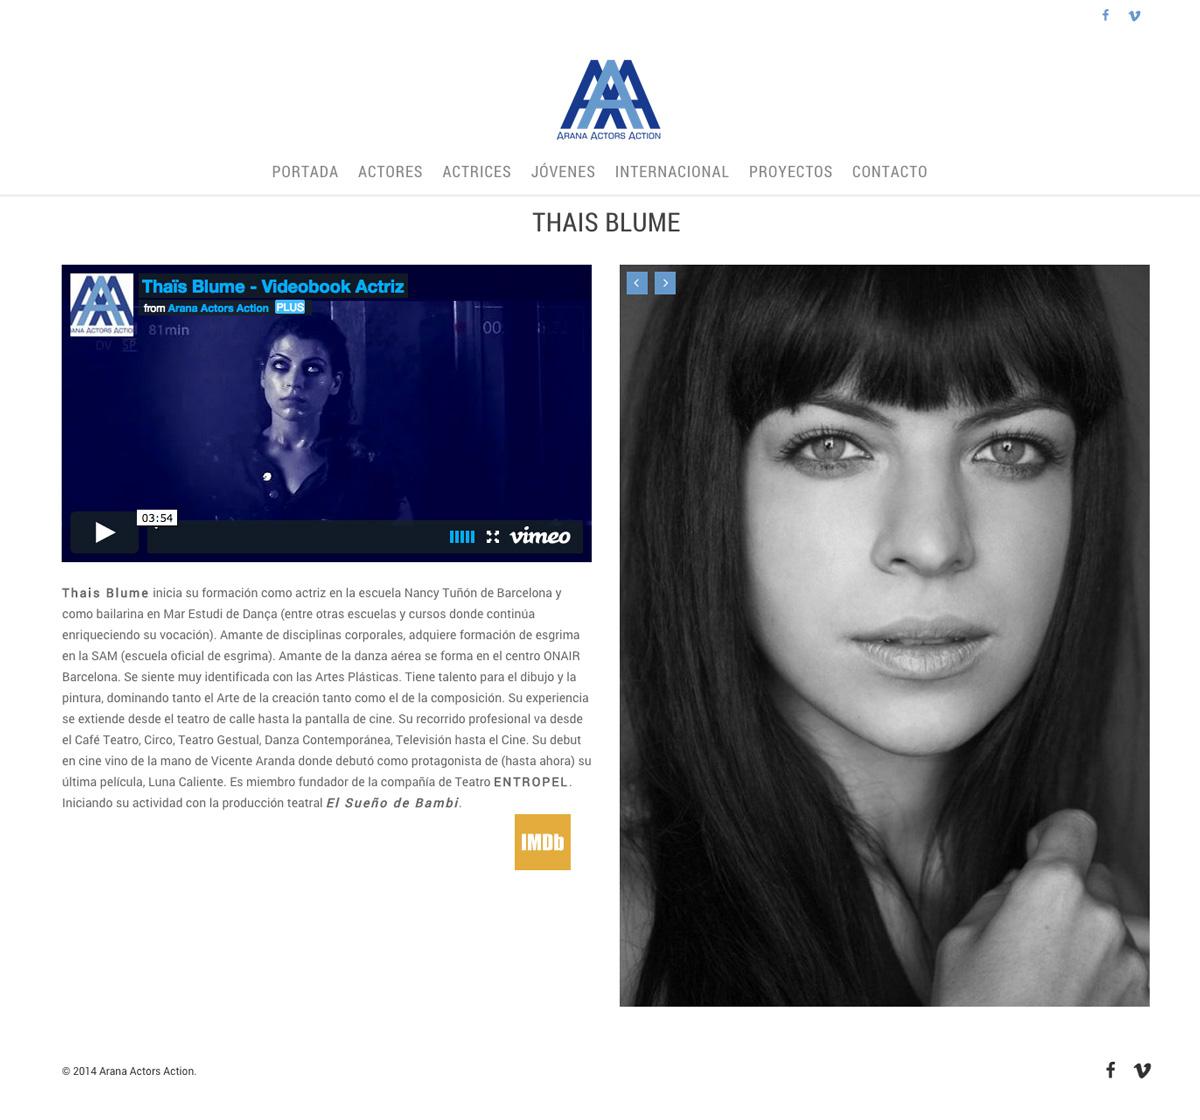 Elisabeth Arana - Representante de Actores - Diseño Web